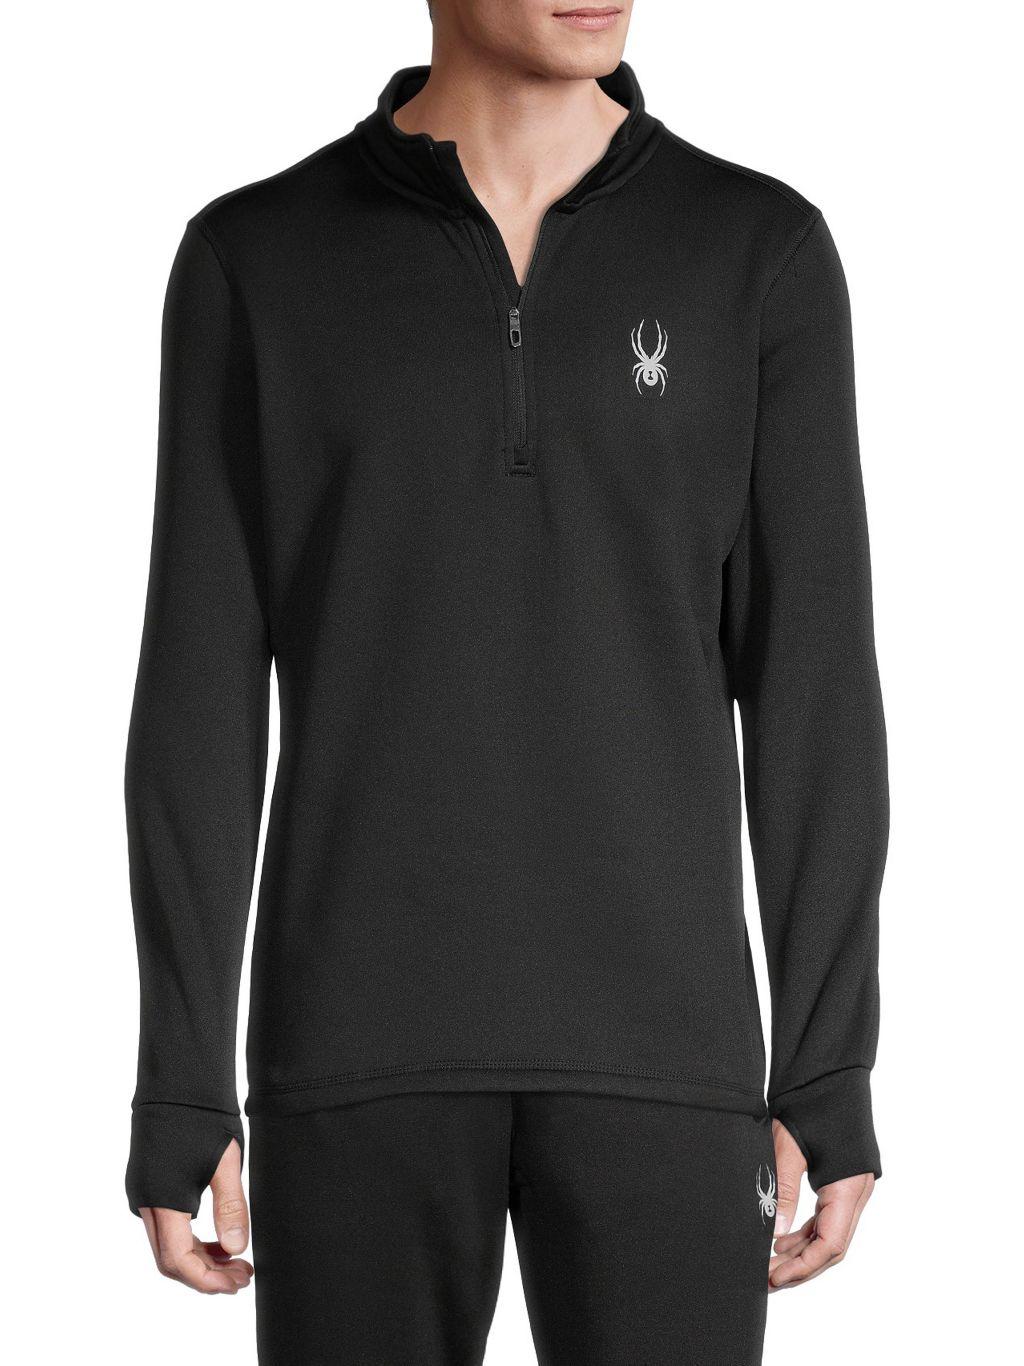 Spyder Mogul Quarter Zip Pullover